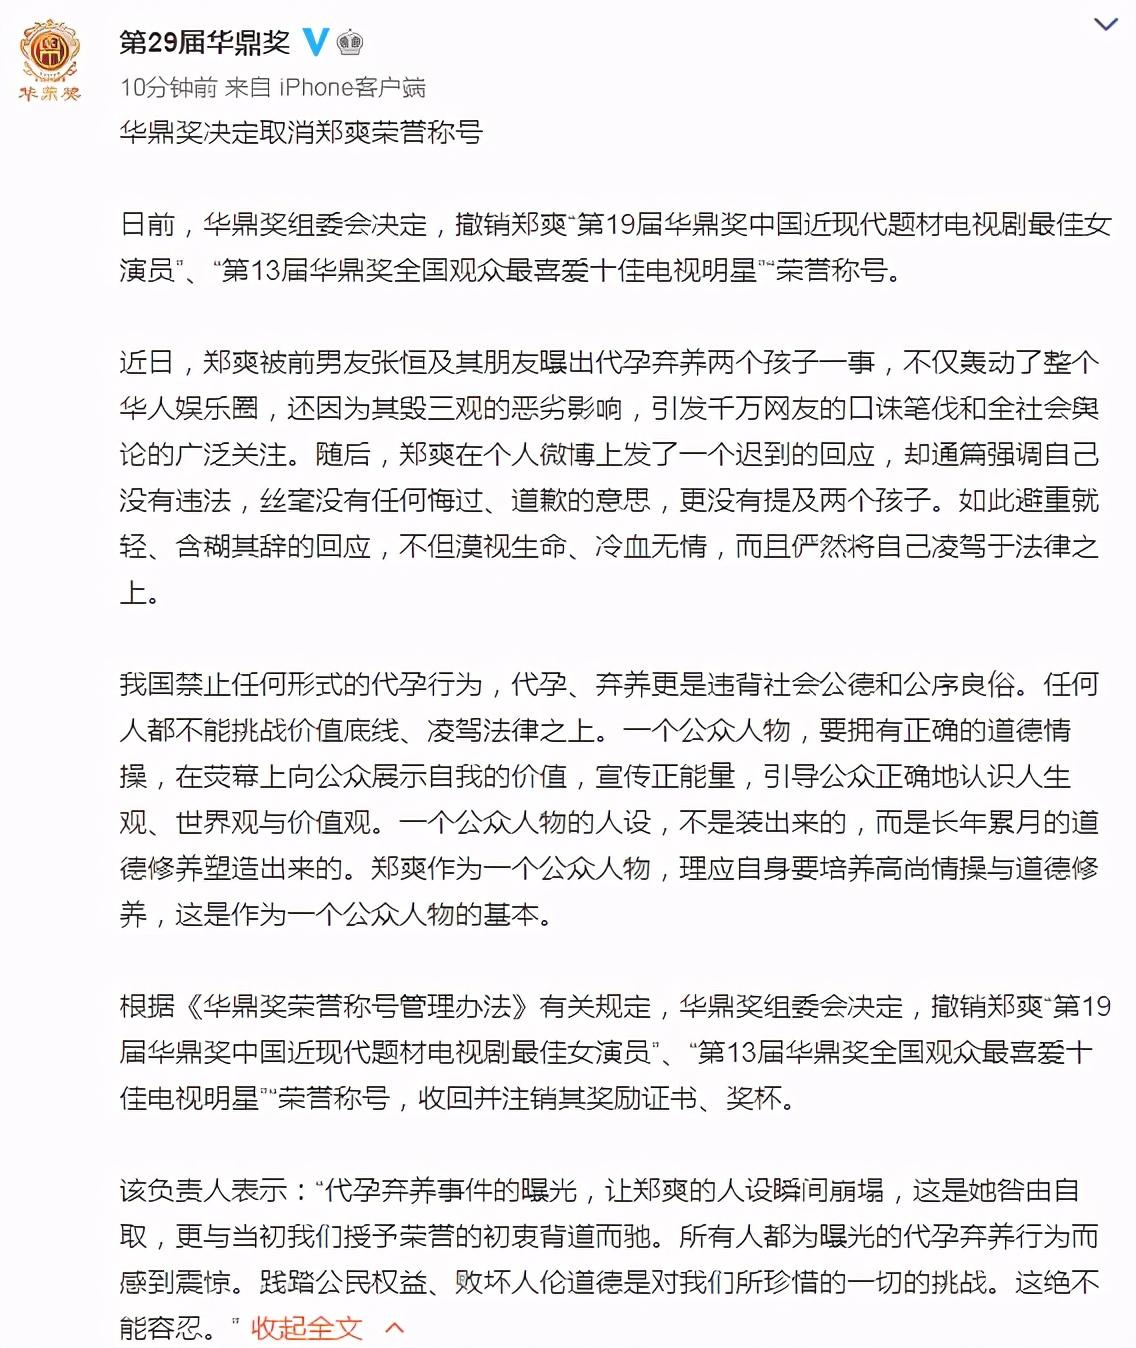 华鼎奖双标:取消颁发给郑爽的荣誉,却没撤销吴秀波的奖项